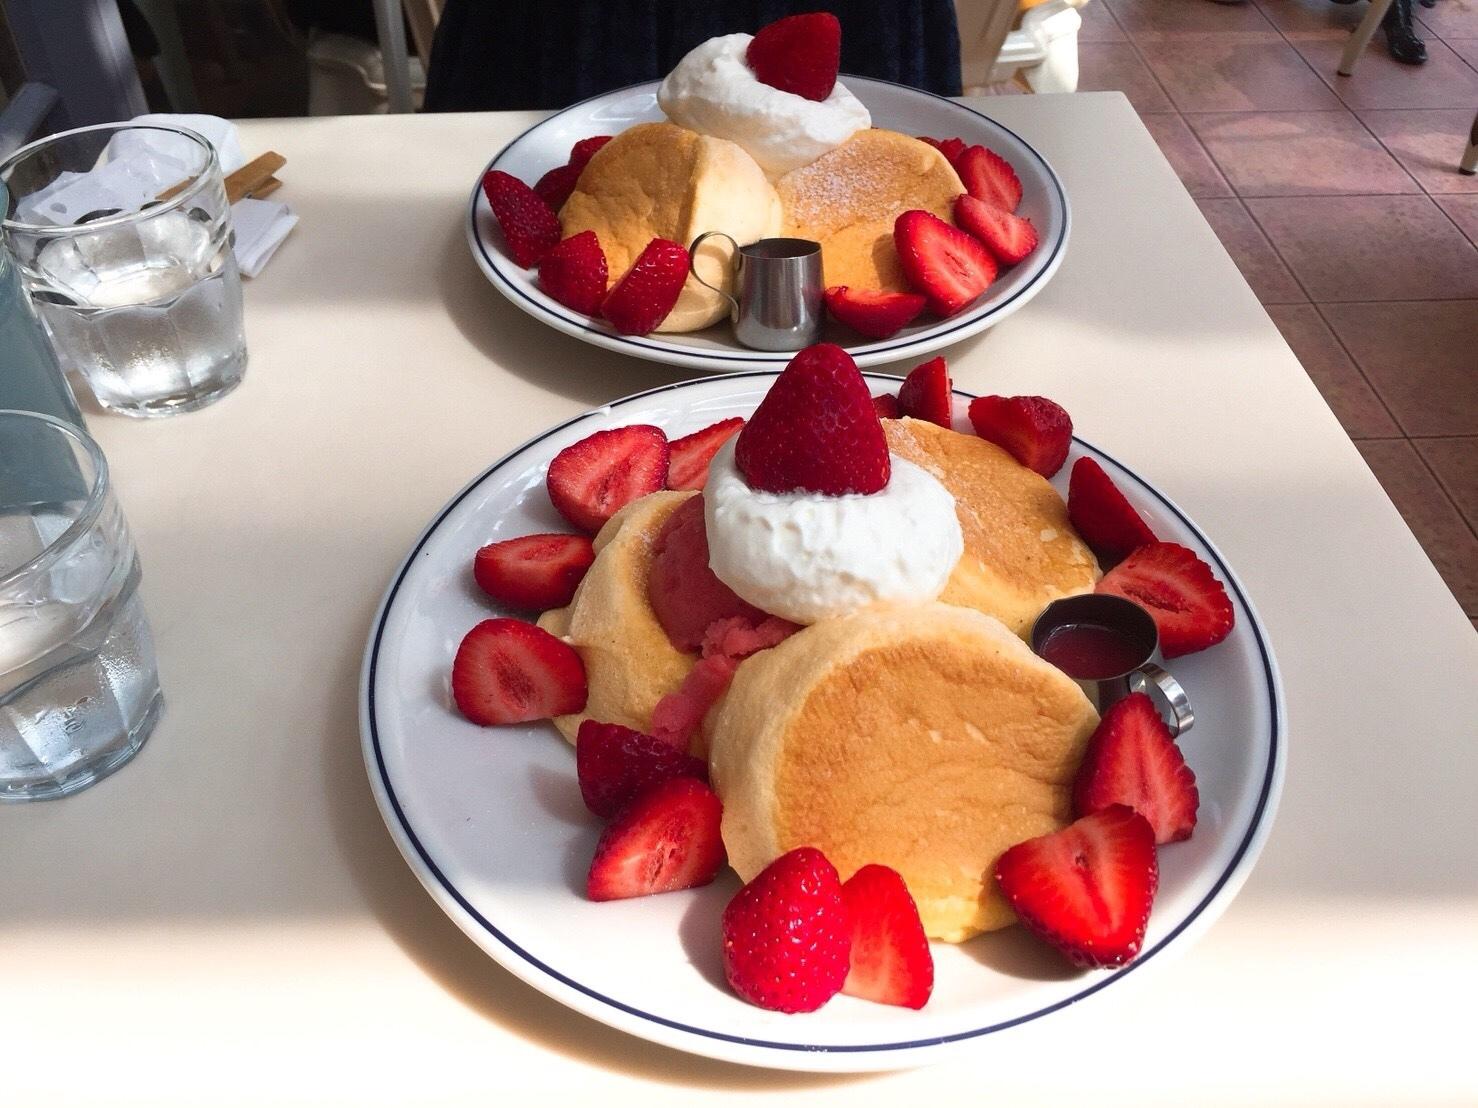 奇跡のパンケーキ「フリッパーズ」_c0124528_17305886.jpg